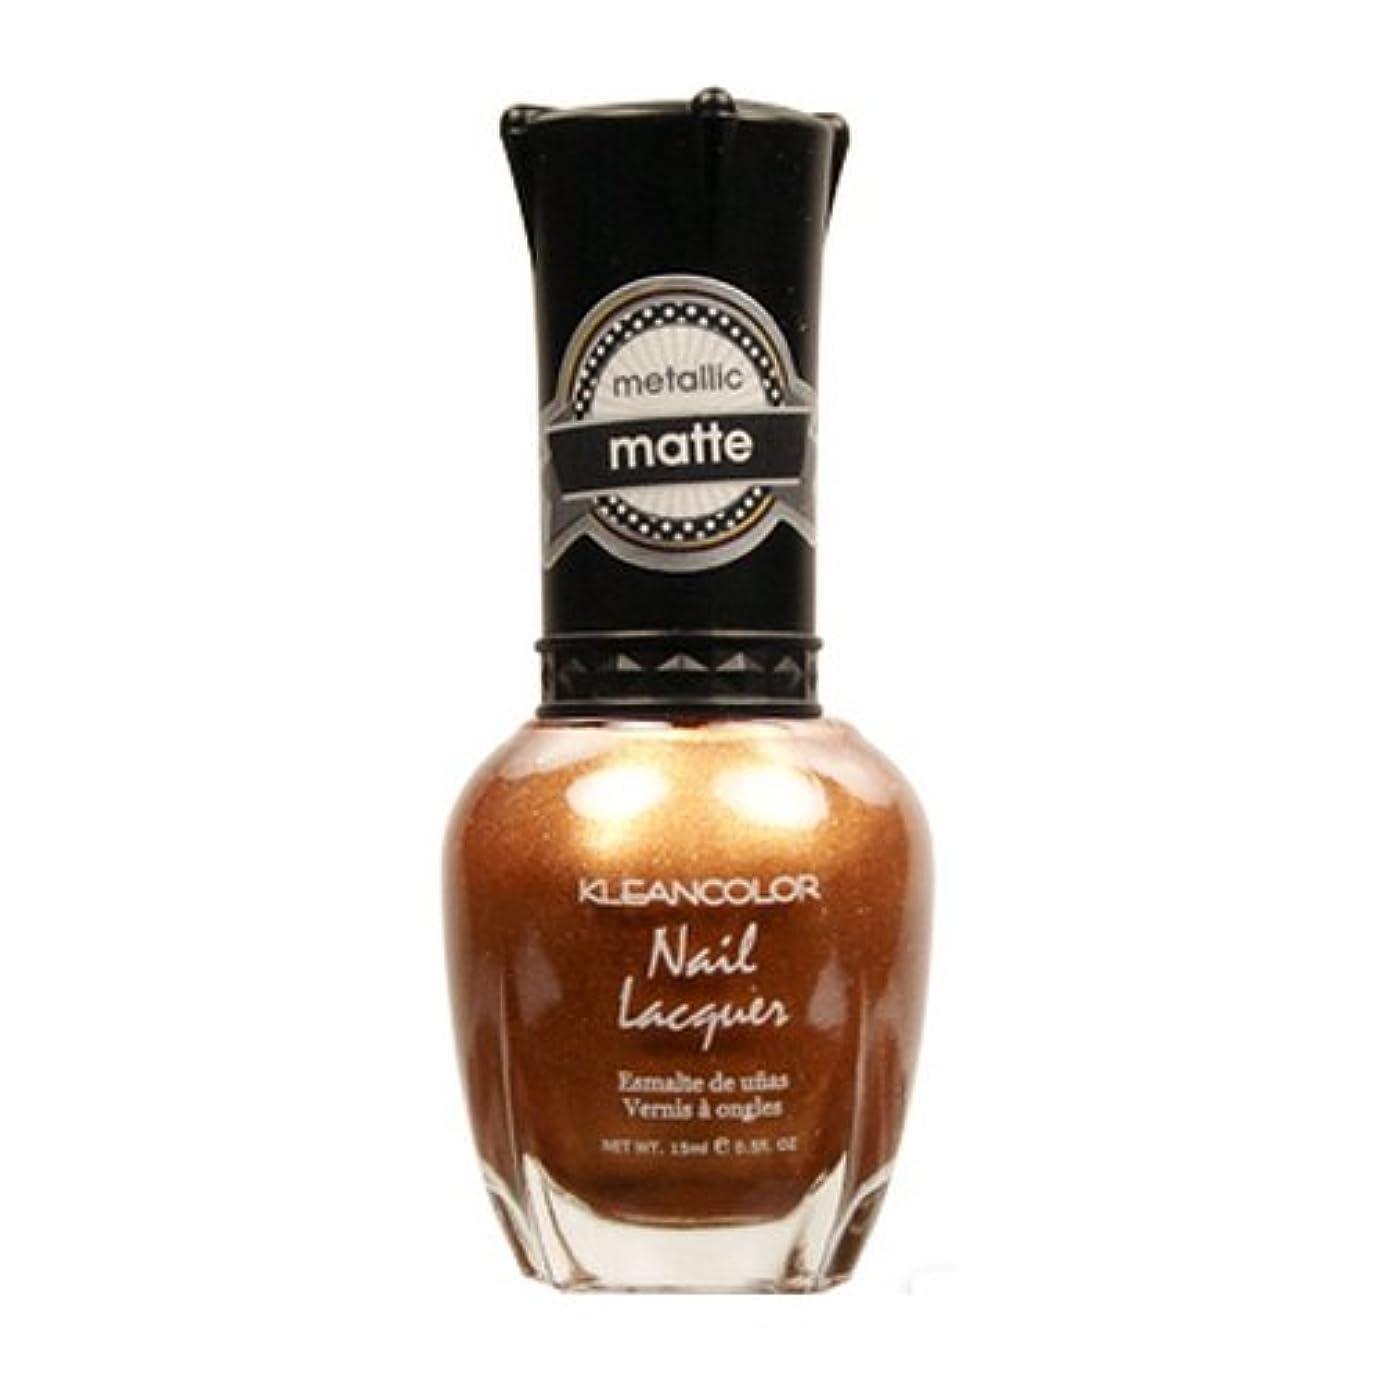 金銭的な煙突彼らは(6 Pack) KLEANCOLOR Matte Nail Lacquer - Life in Gold Castle (並行輸入品)